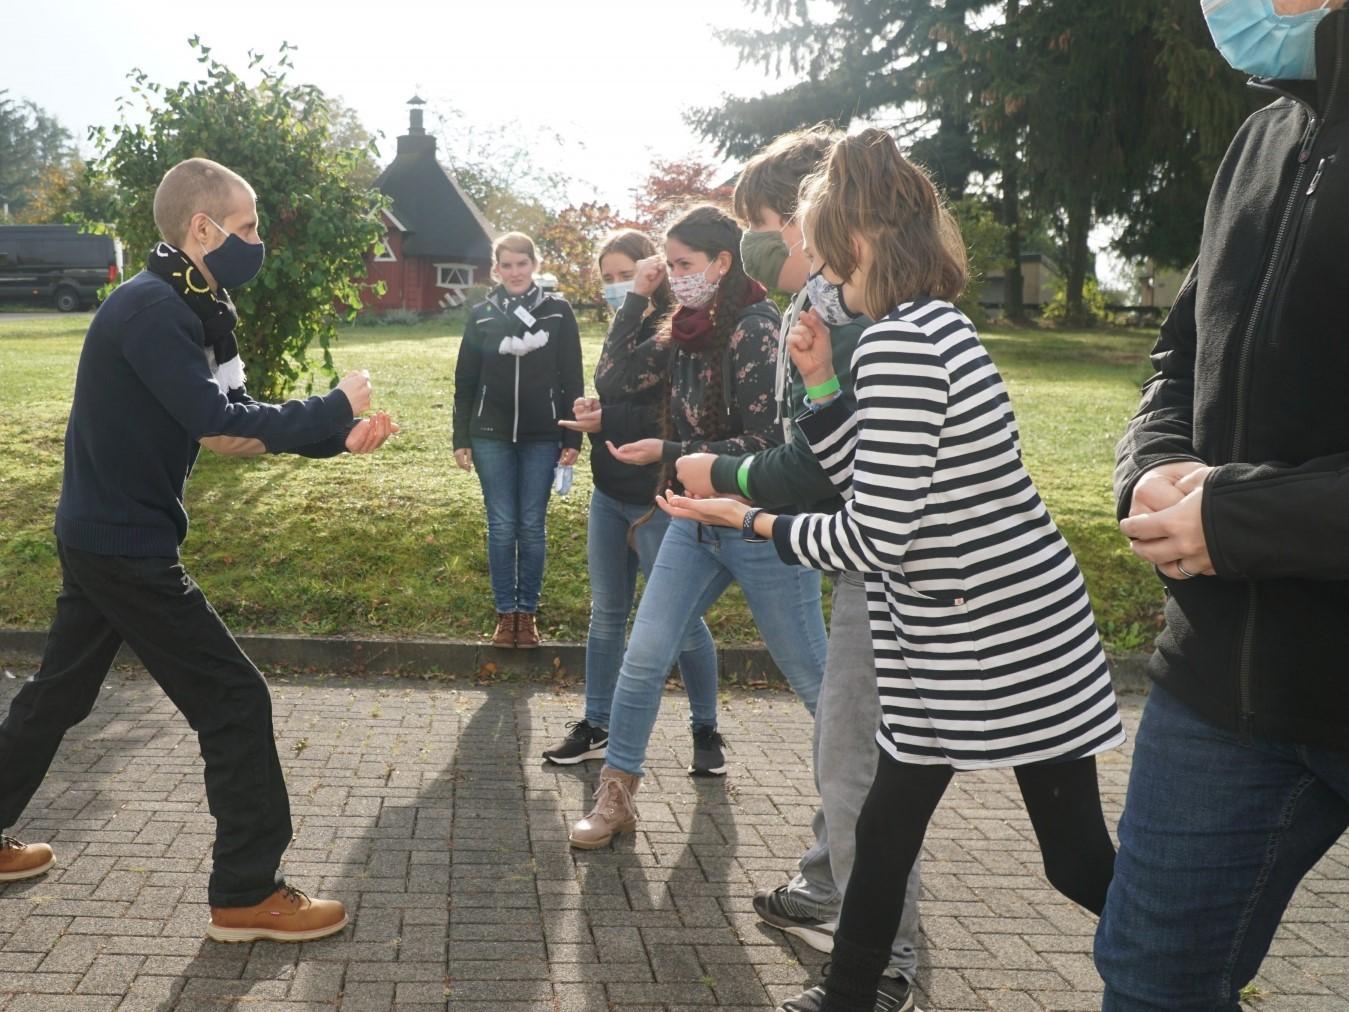 junge Menschen draußen bei einem Gruppenspiel